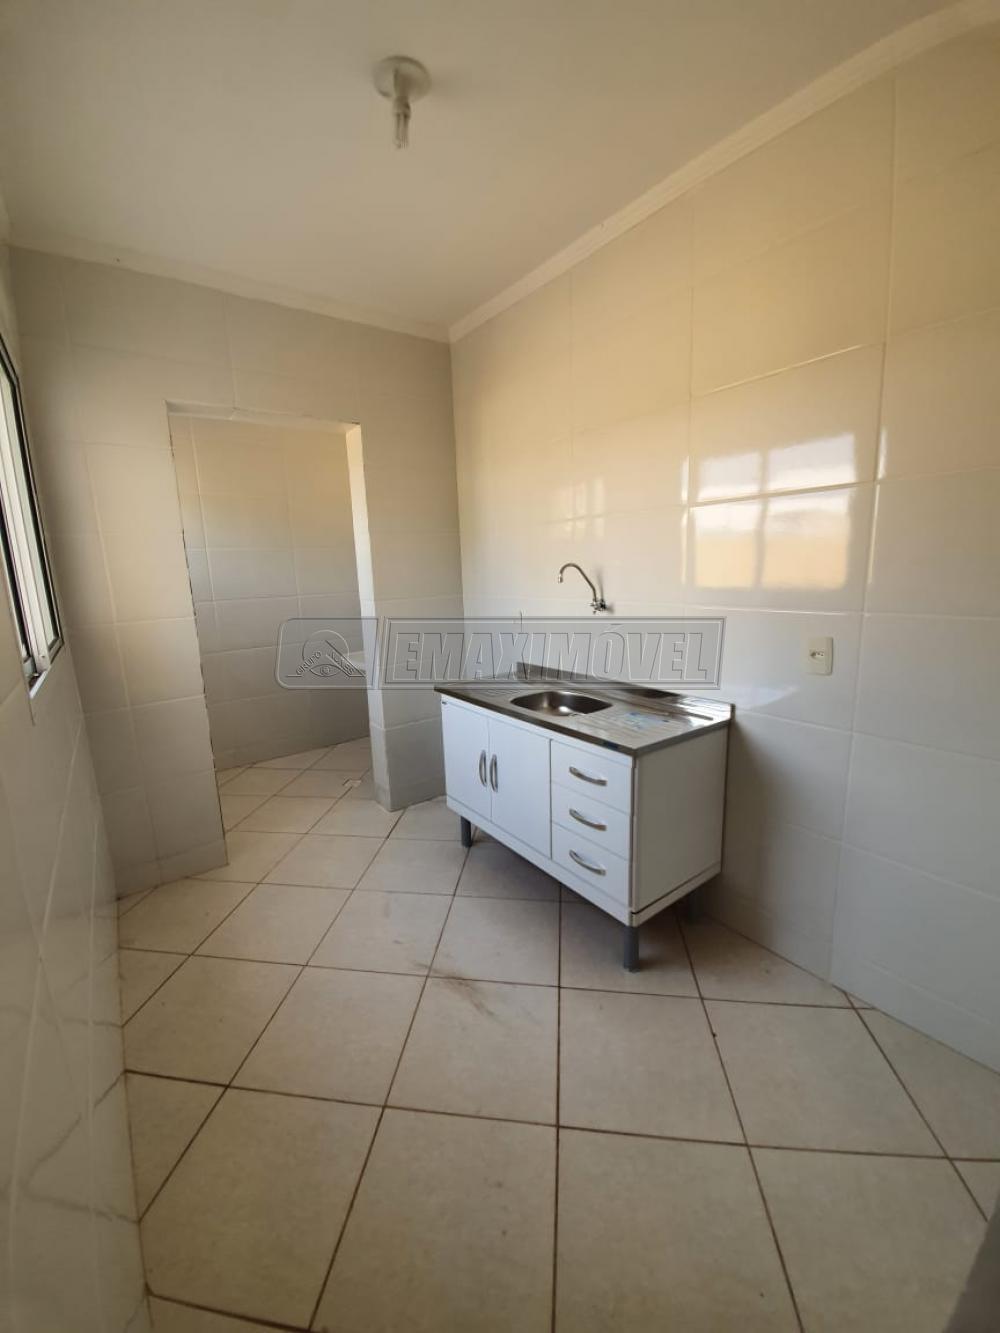 Comprar Apartamentos / Apto Padrão em Sorocaba apenas R$ 140.000,00 - Foto 9